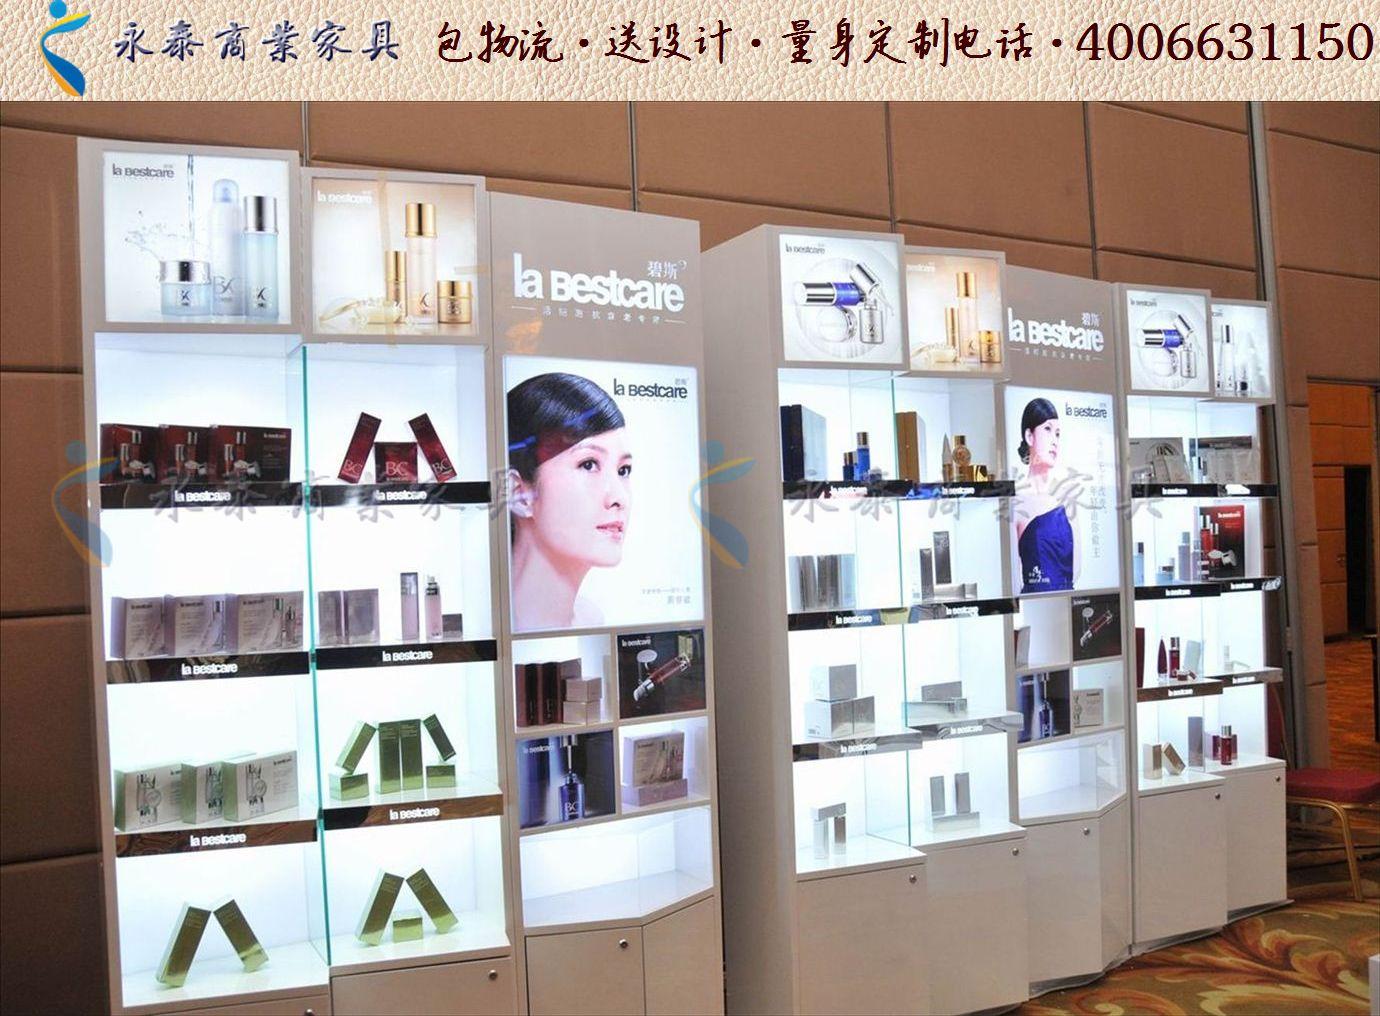 高档化妆品展示柜效果图韩版化妆品实体店装修图1201